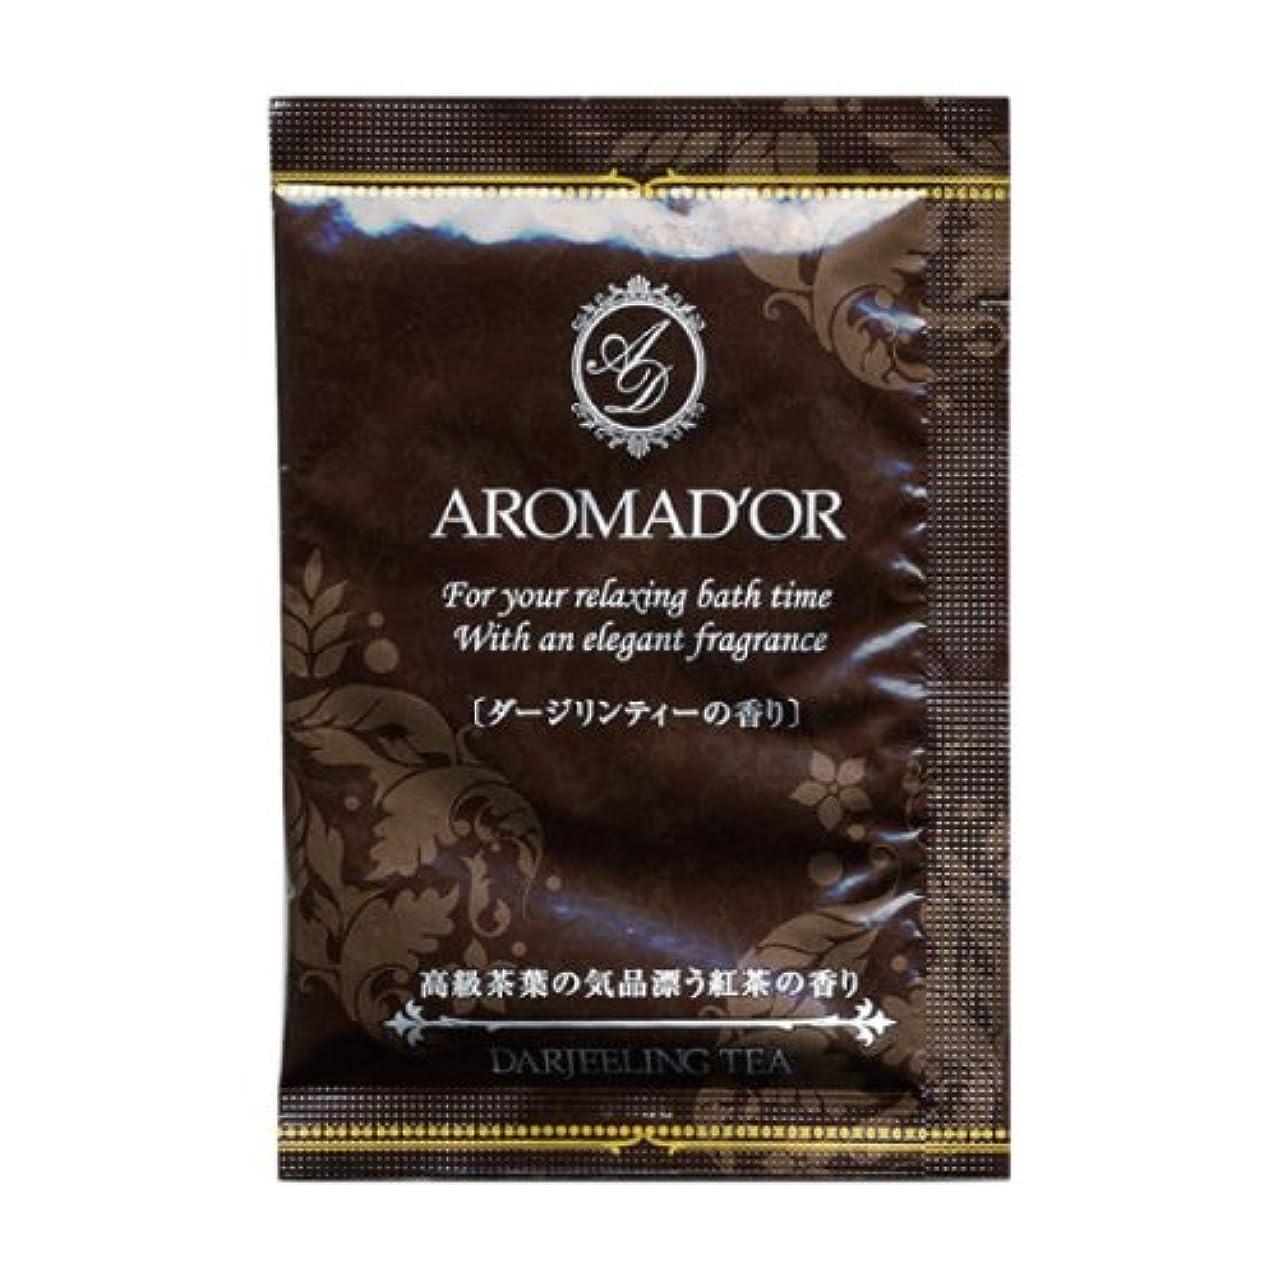 ボーダー放射する急流アロマドール入浴剤 ダージリンティーの香り 12包